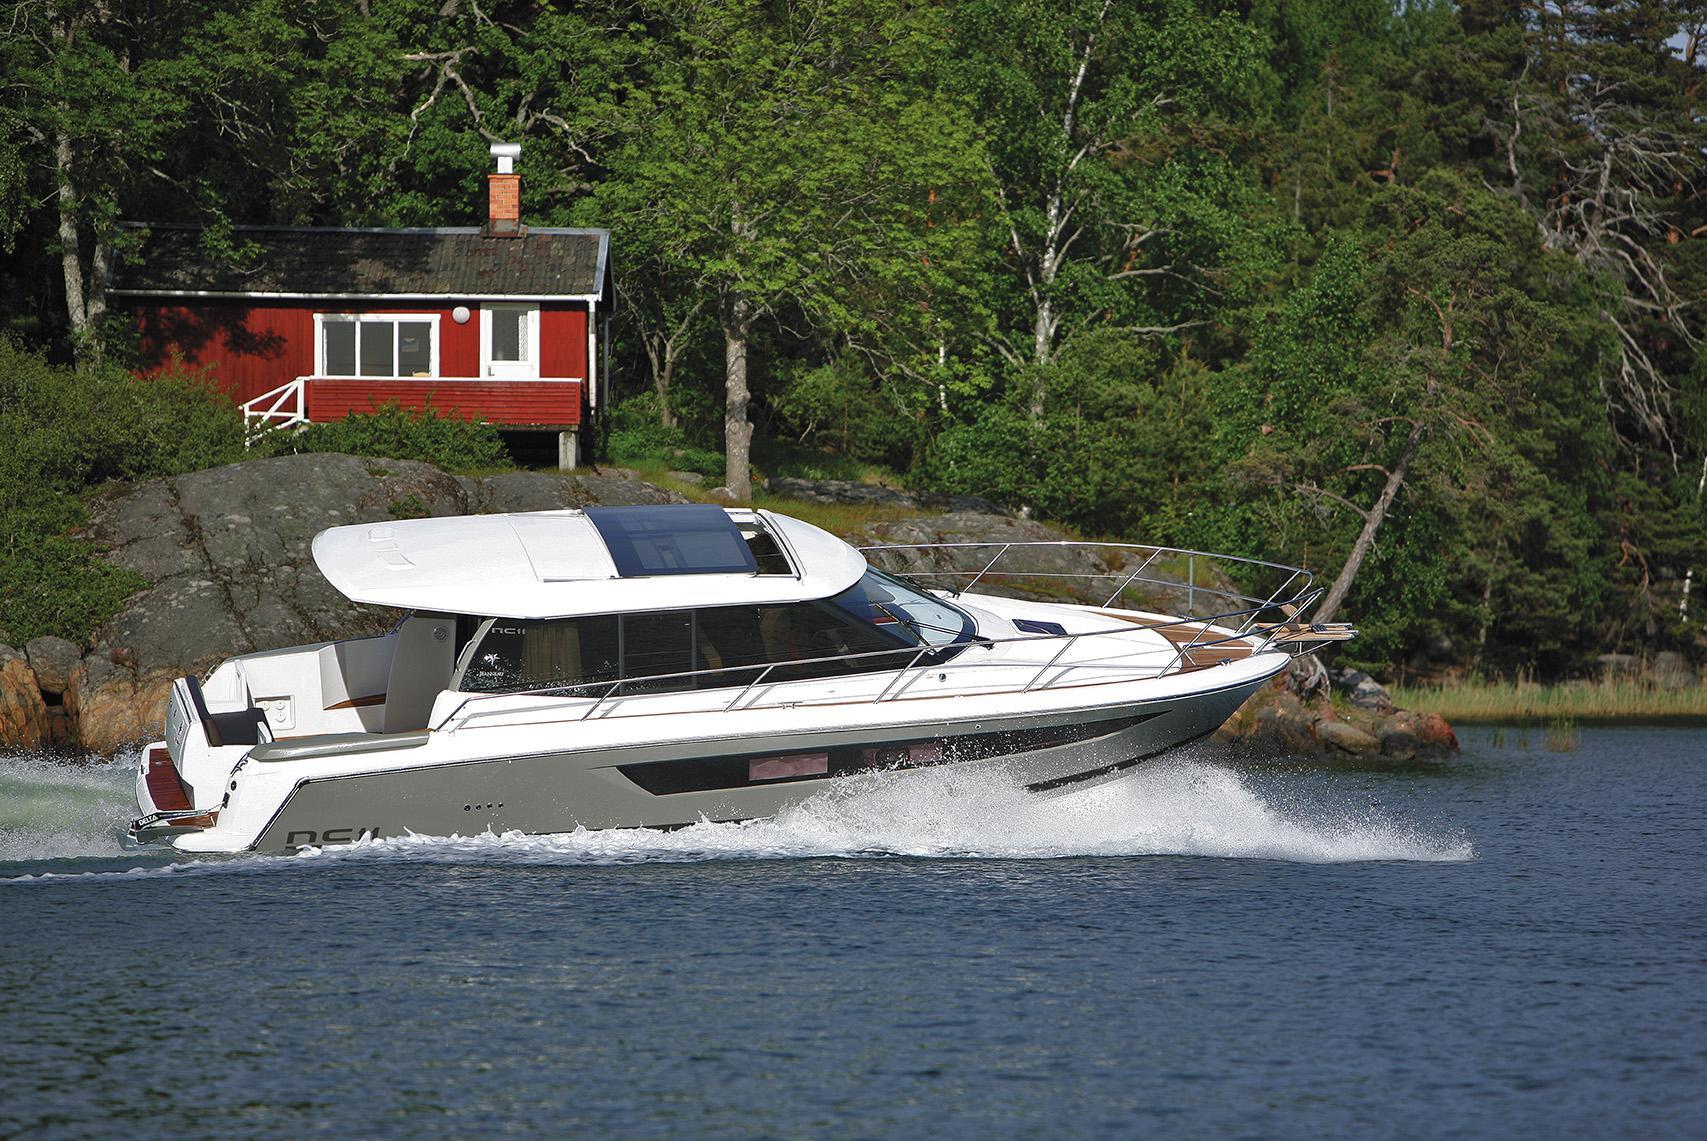 فروش قایق های تفریحی NC 11 (3)